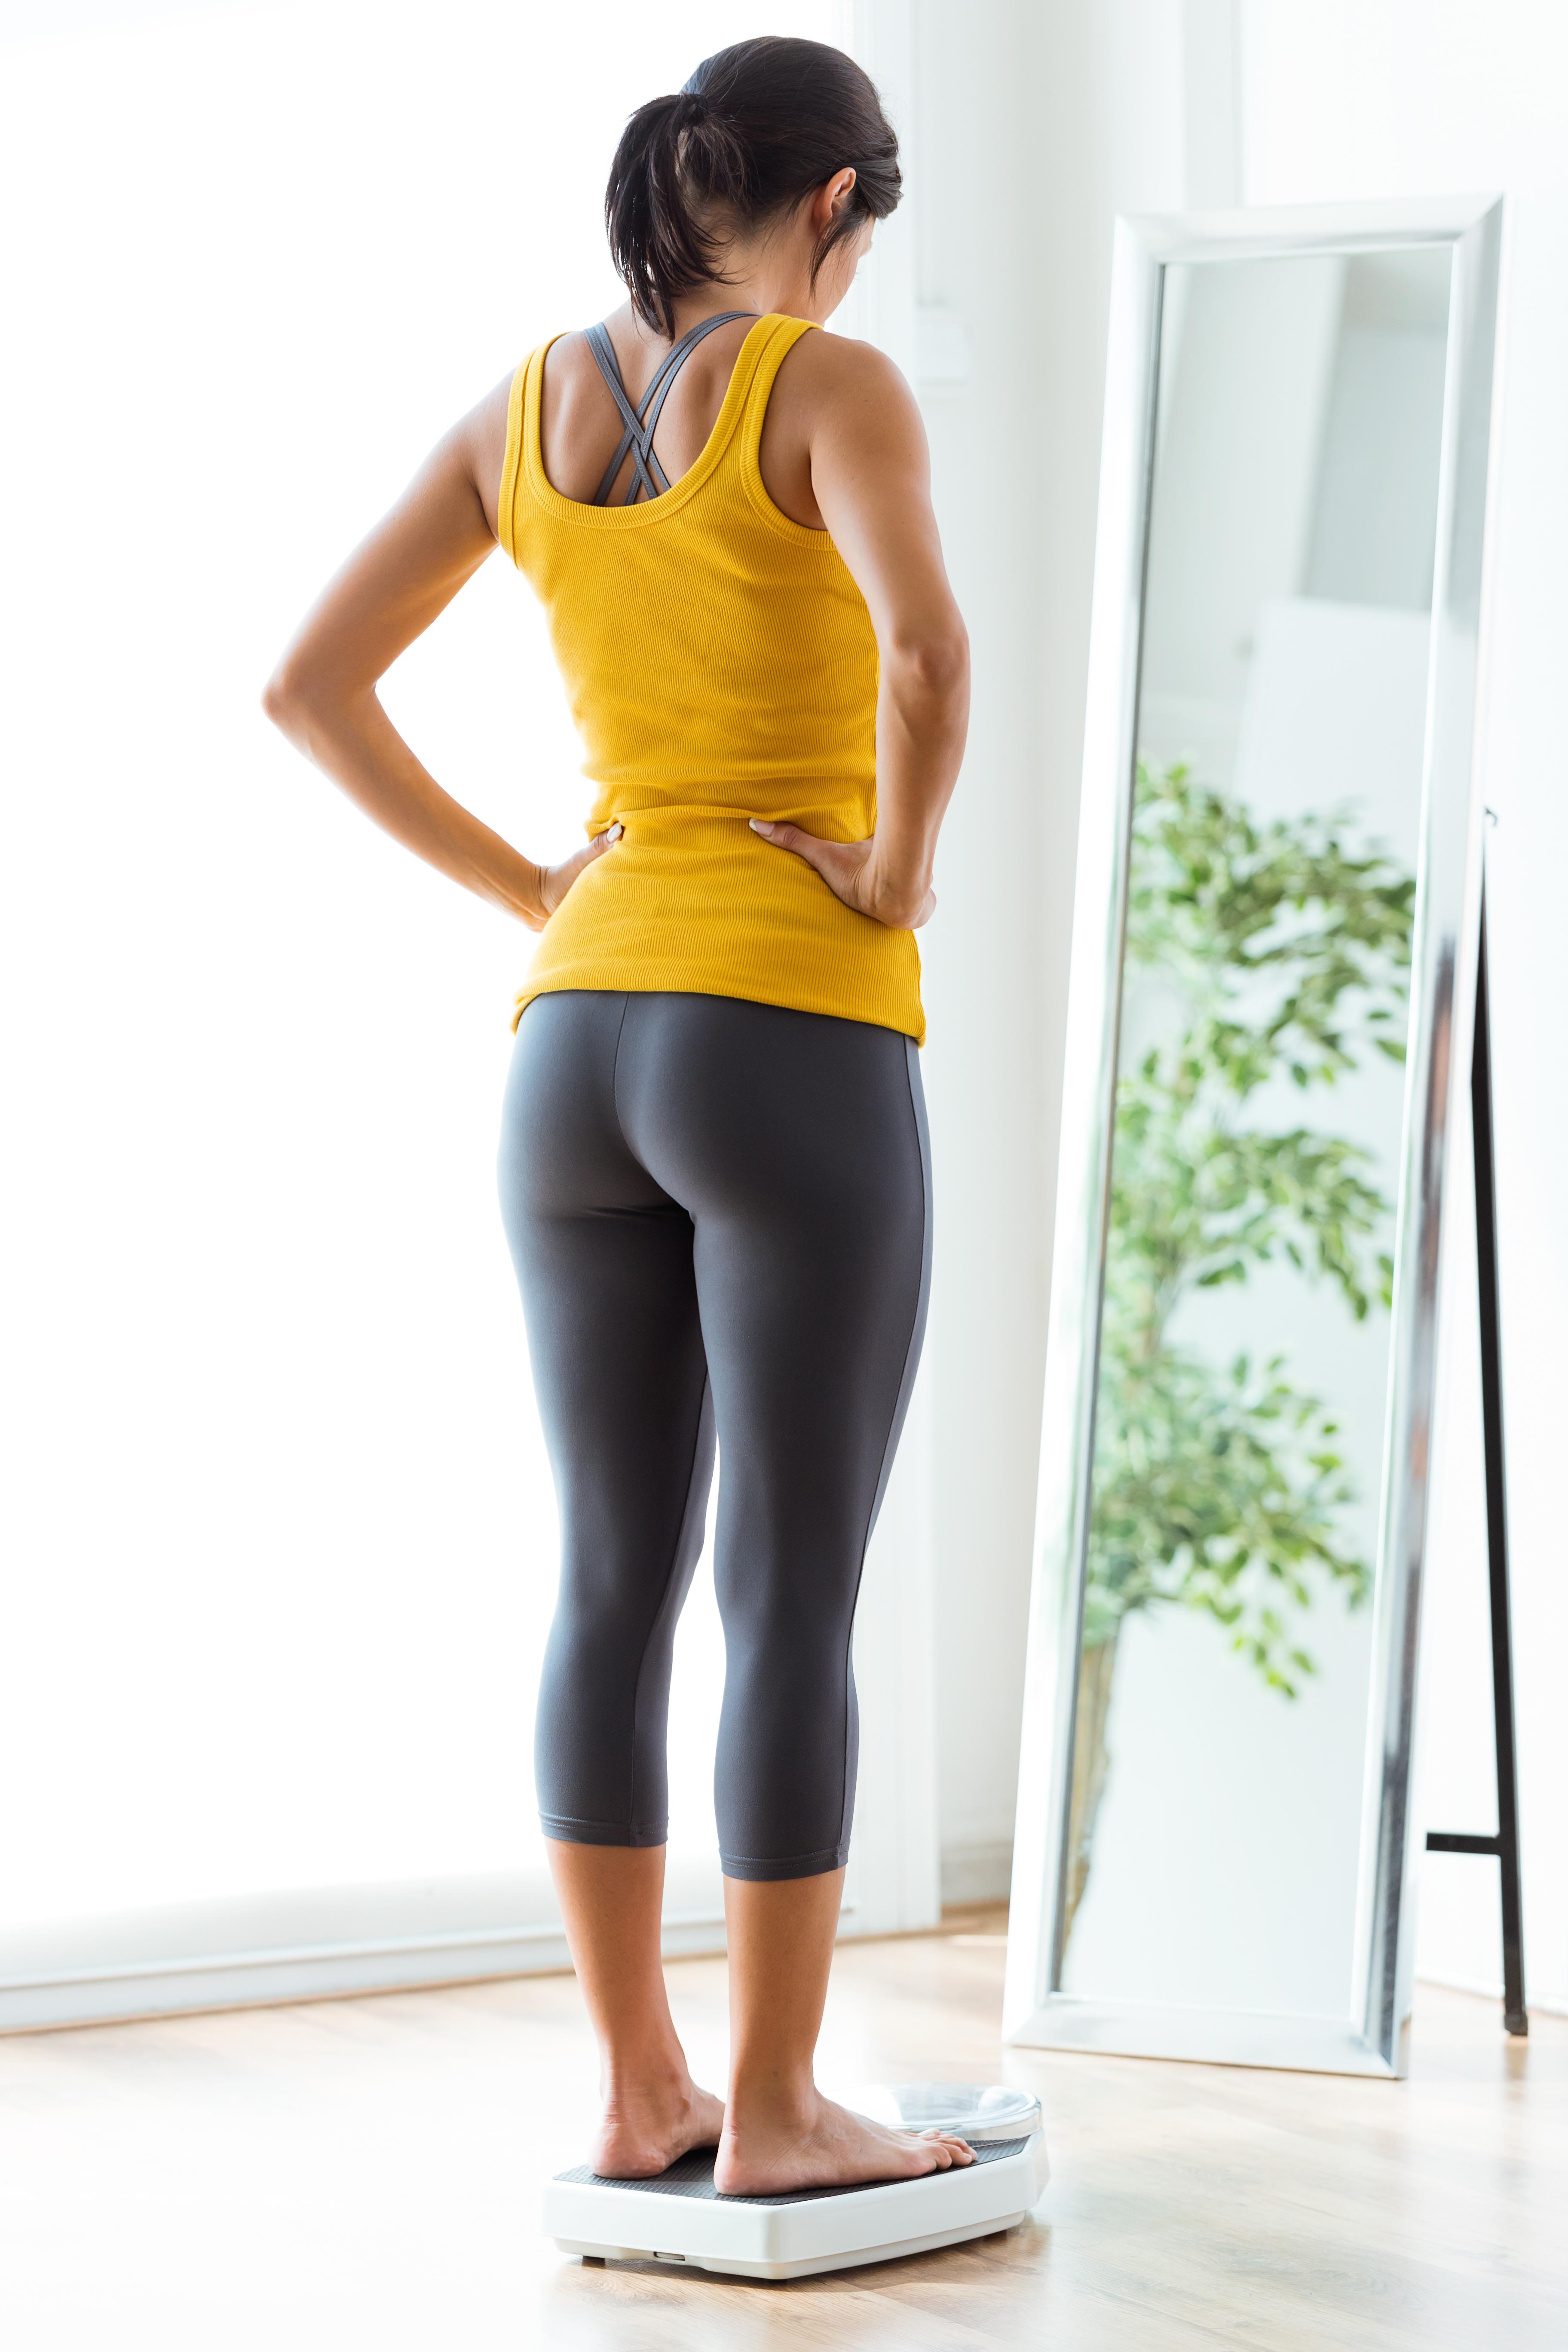 7743 - ¿Como bajar de peso con suplementos?